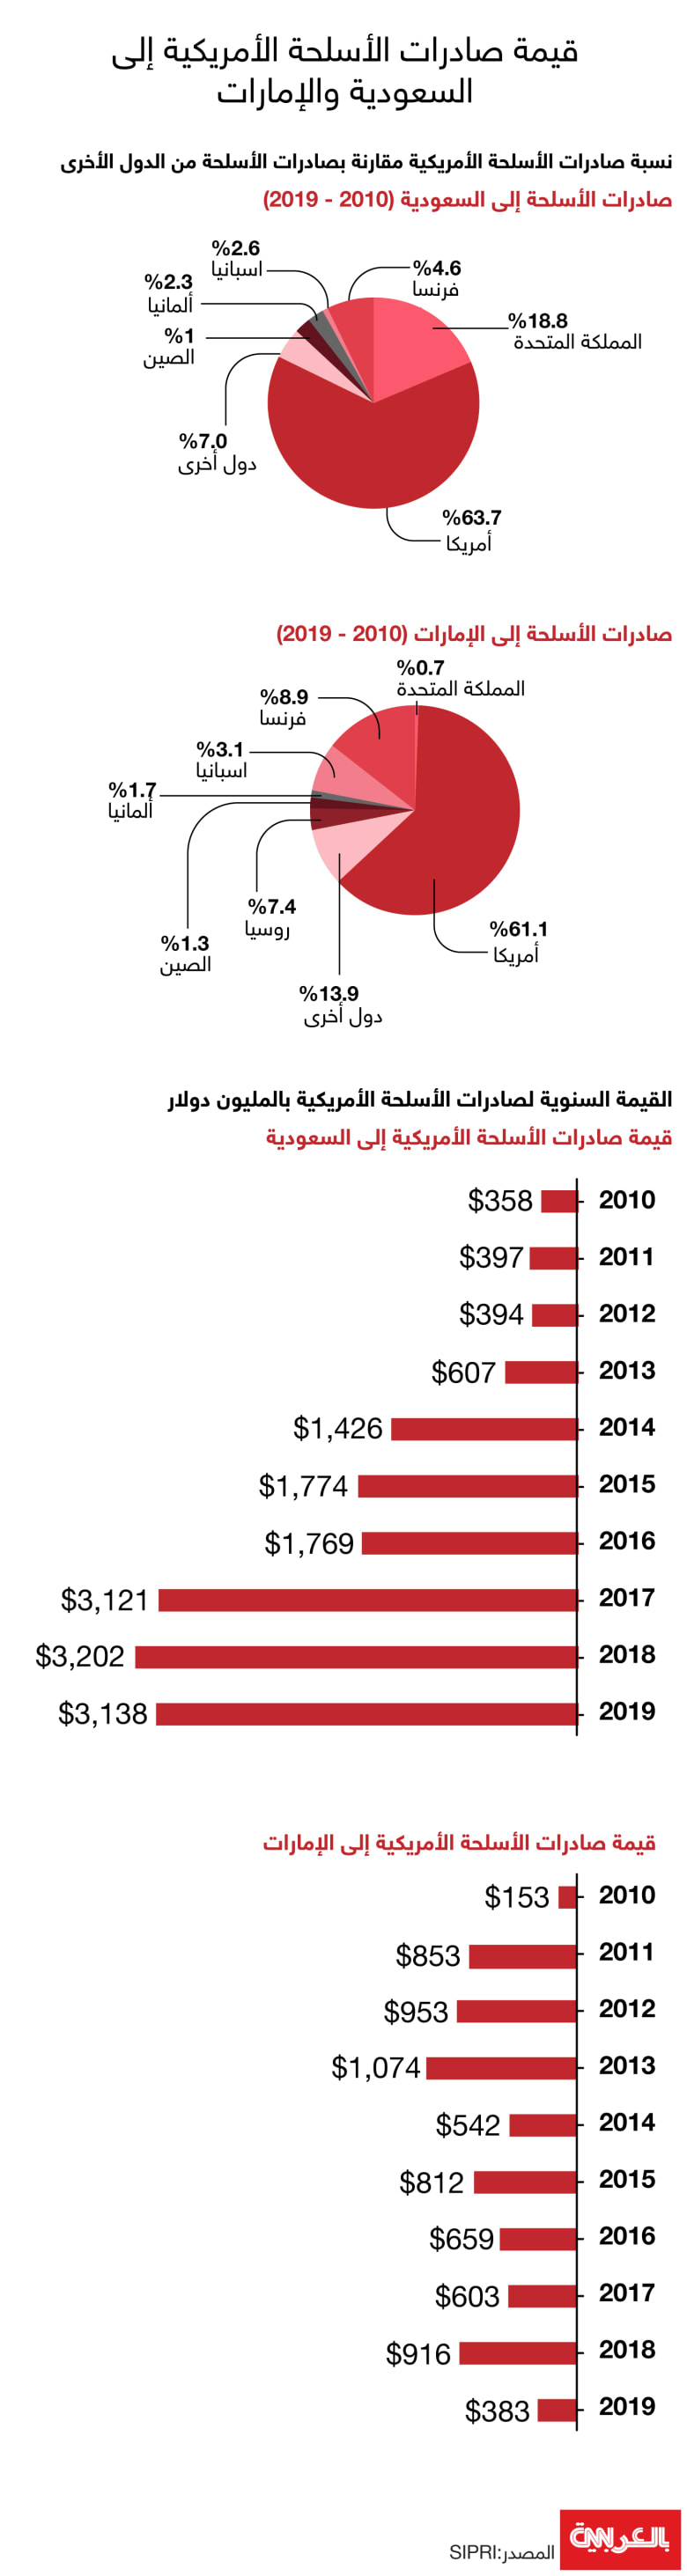 arms-sales-US-saudi-UAE